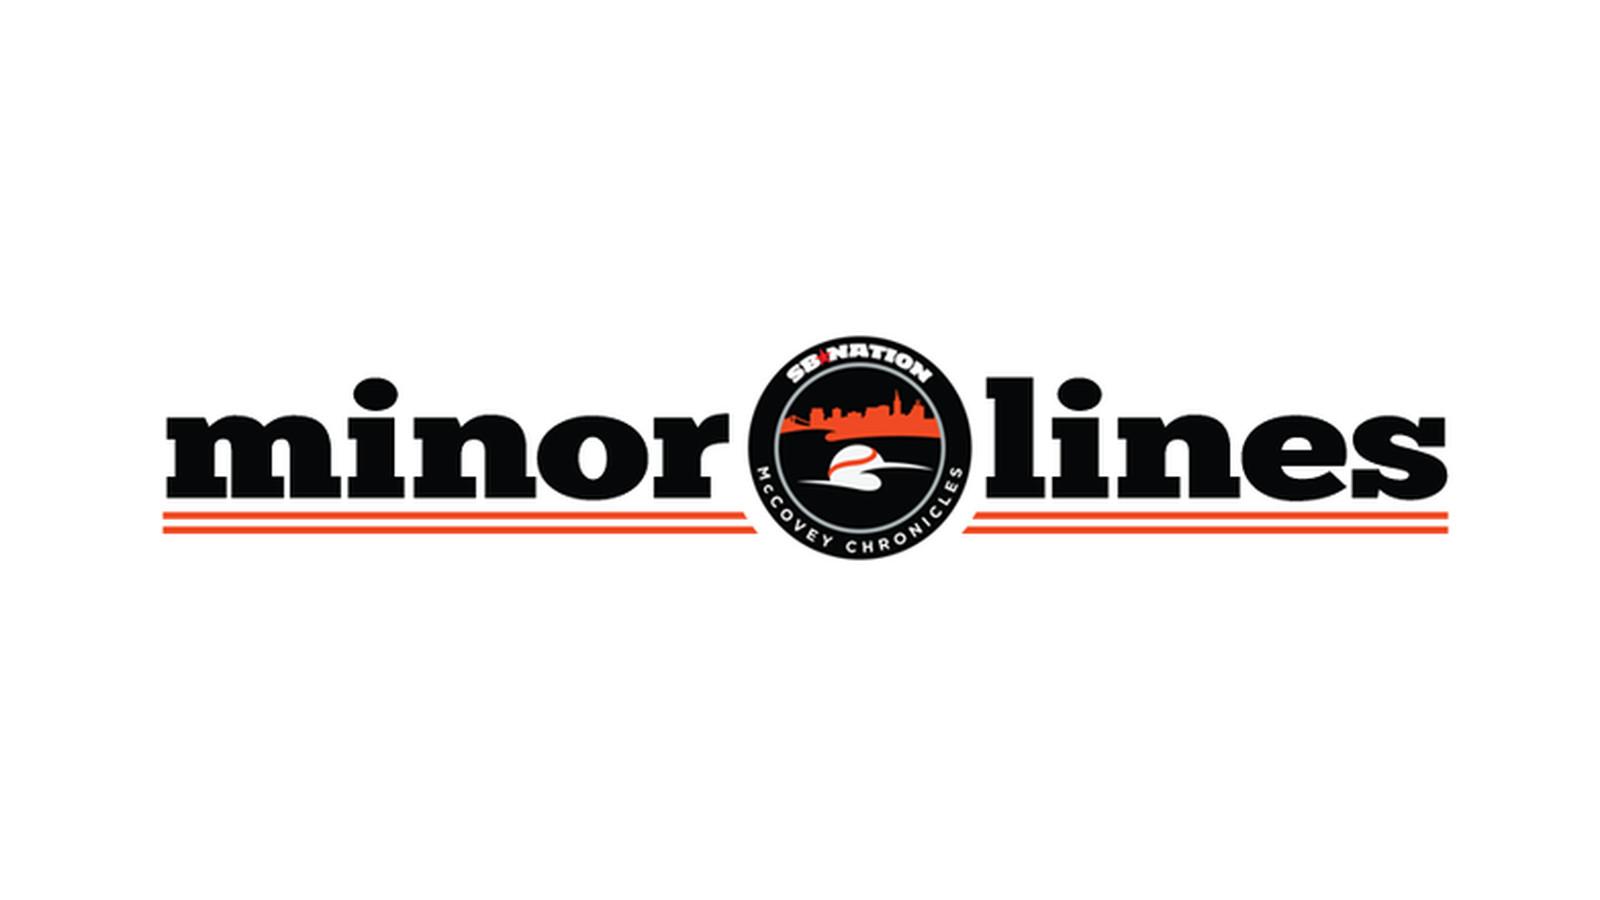 Minorlines.0